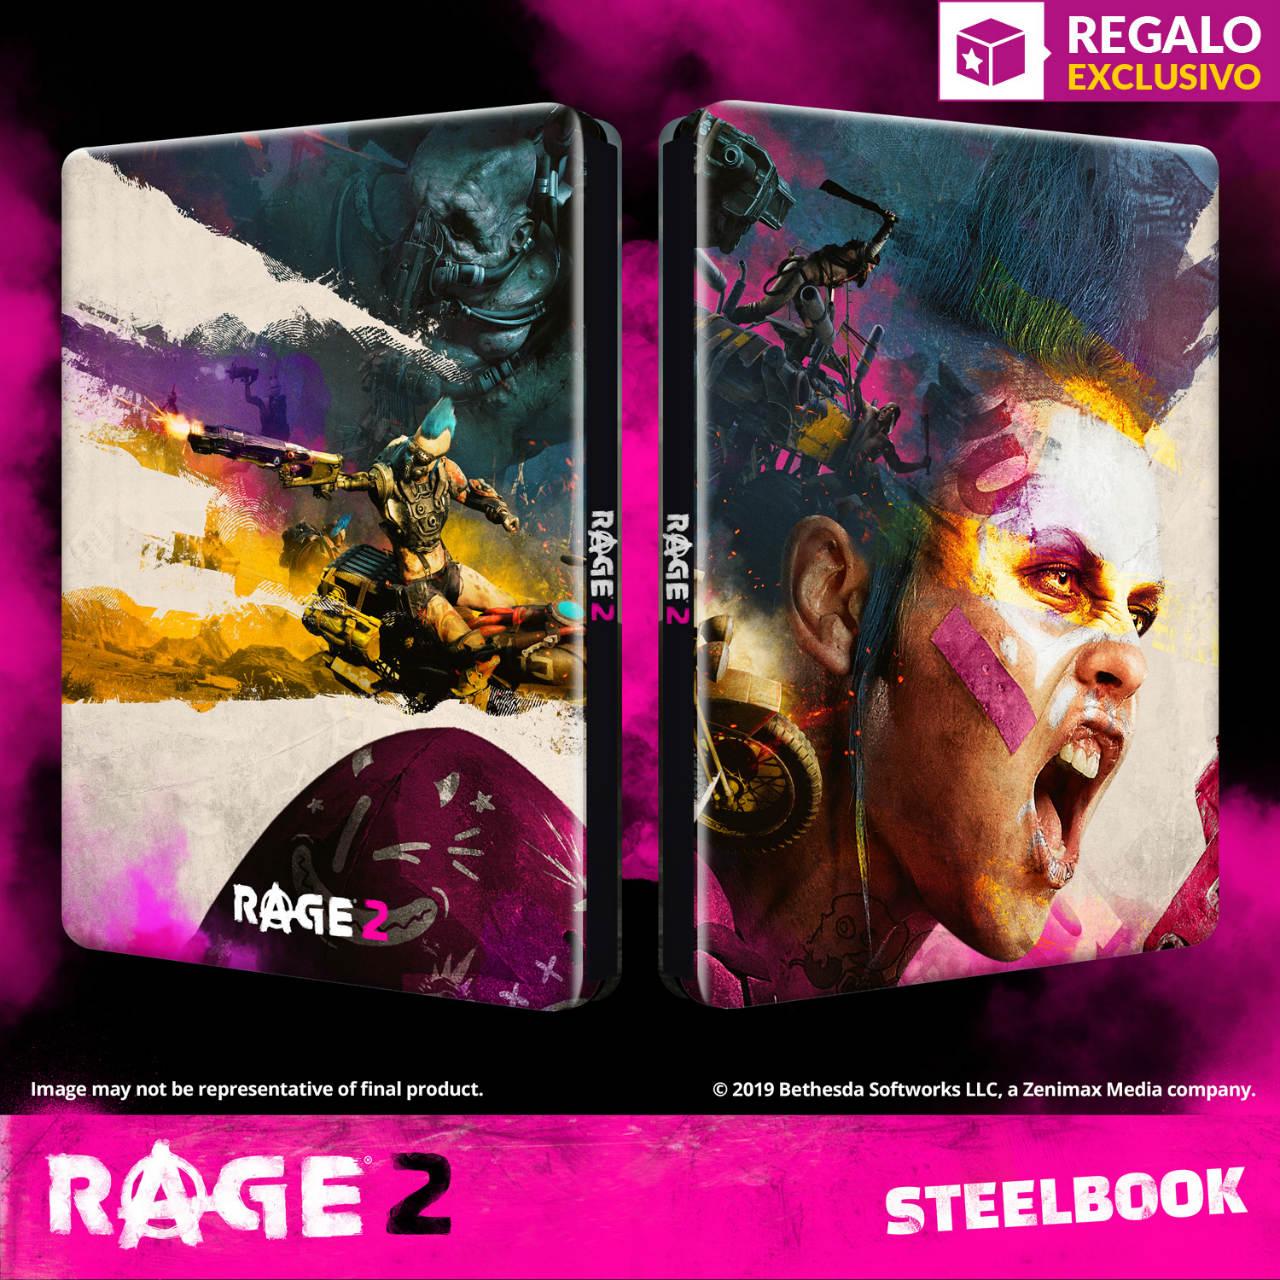 rage 2,